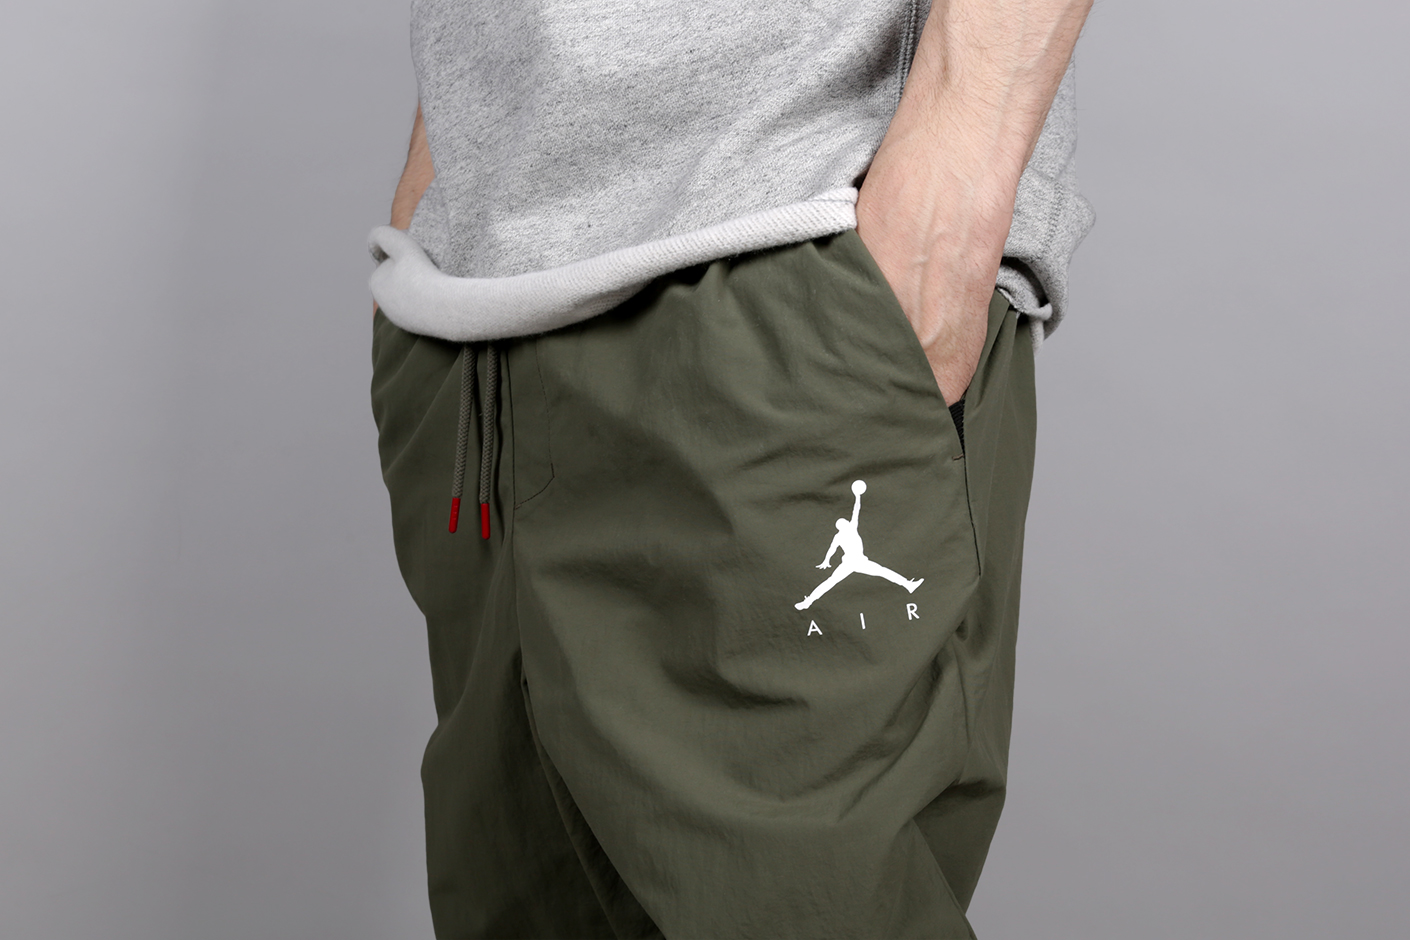 d34d3d0d6f612d ... Мужские зеленые брюки Jordan Jumpman Men s Woven Trousers - фото 3  картинки ...